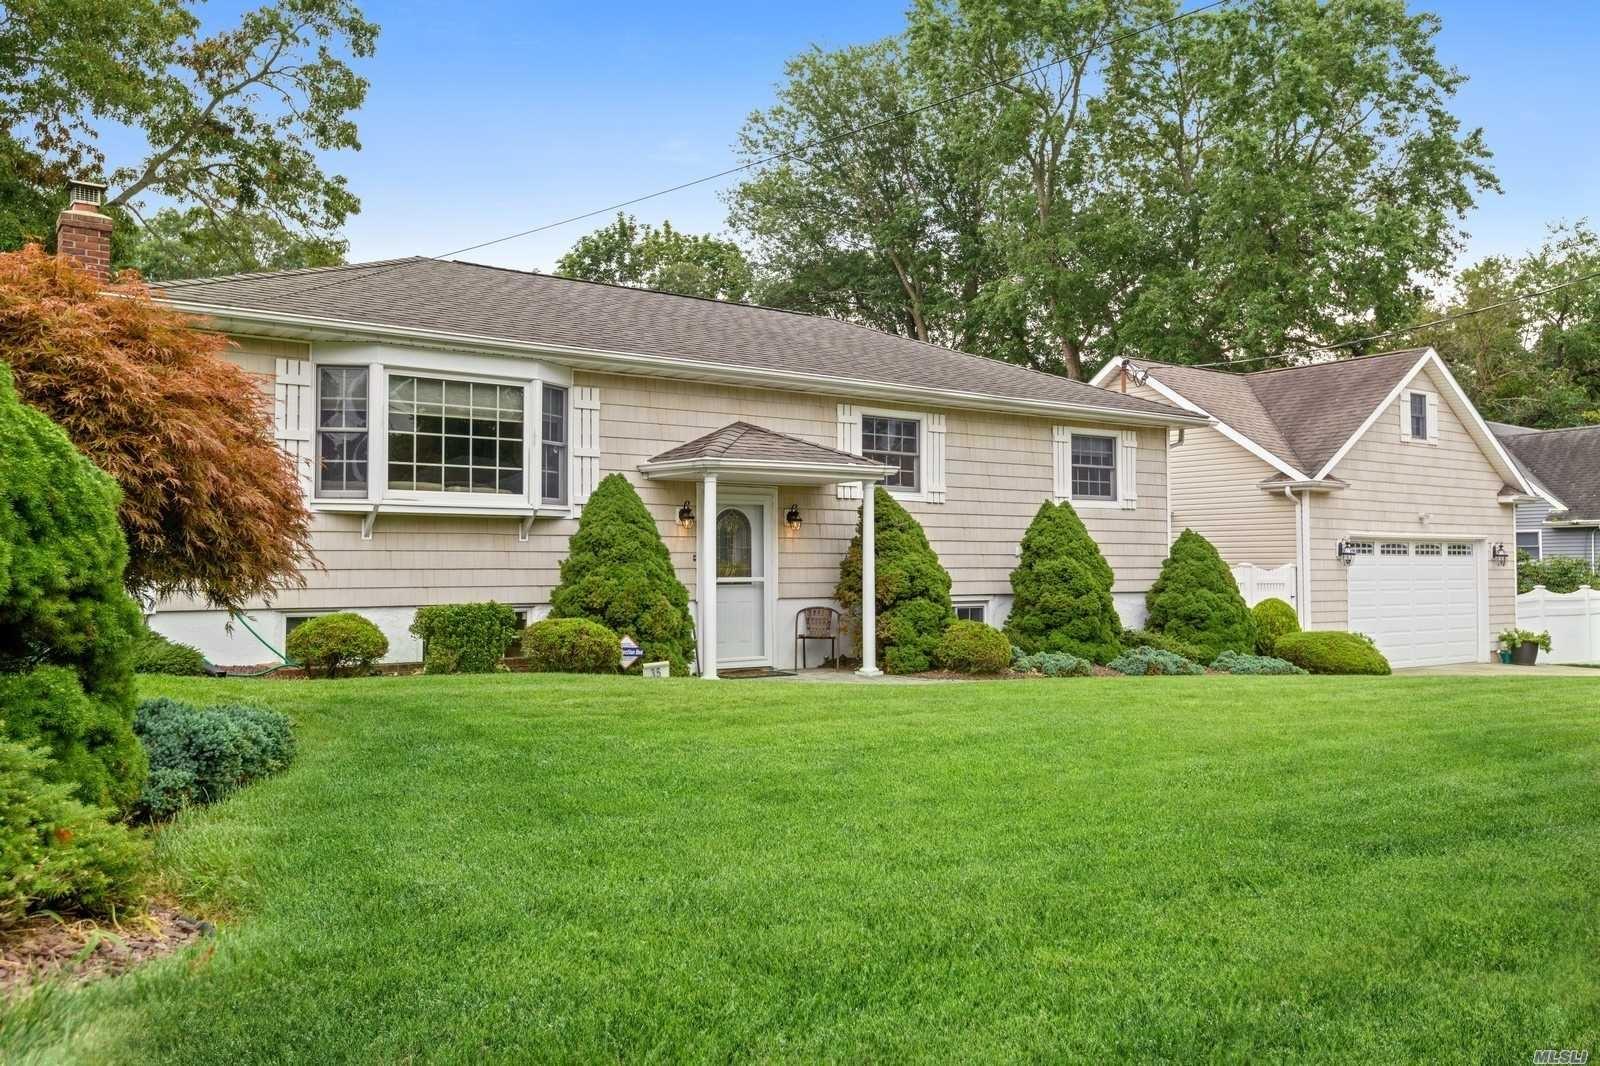 35 Bauss Rd, Nesconset, NY 11767 - MLS#: 3241331